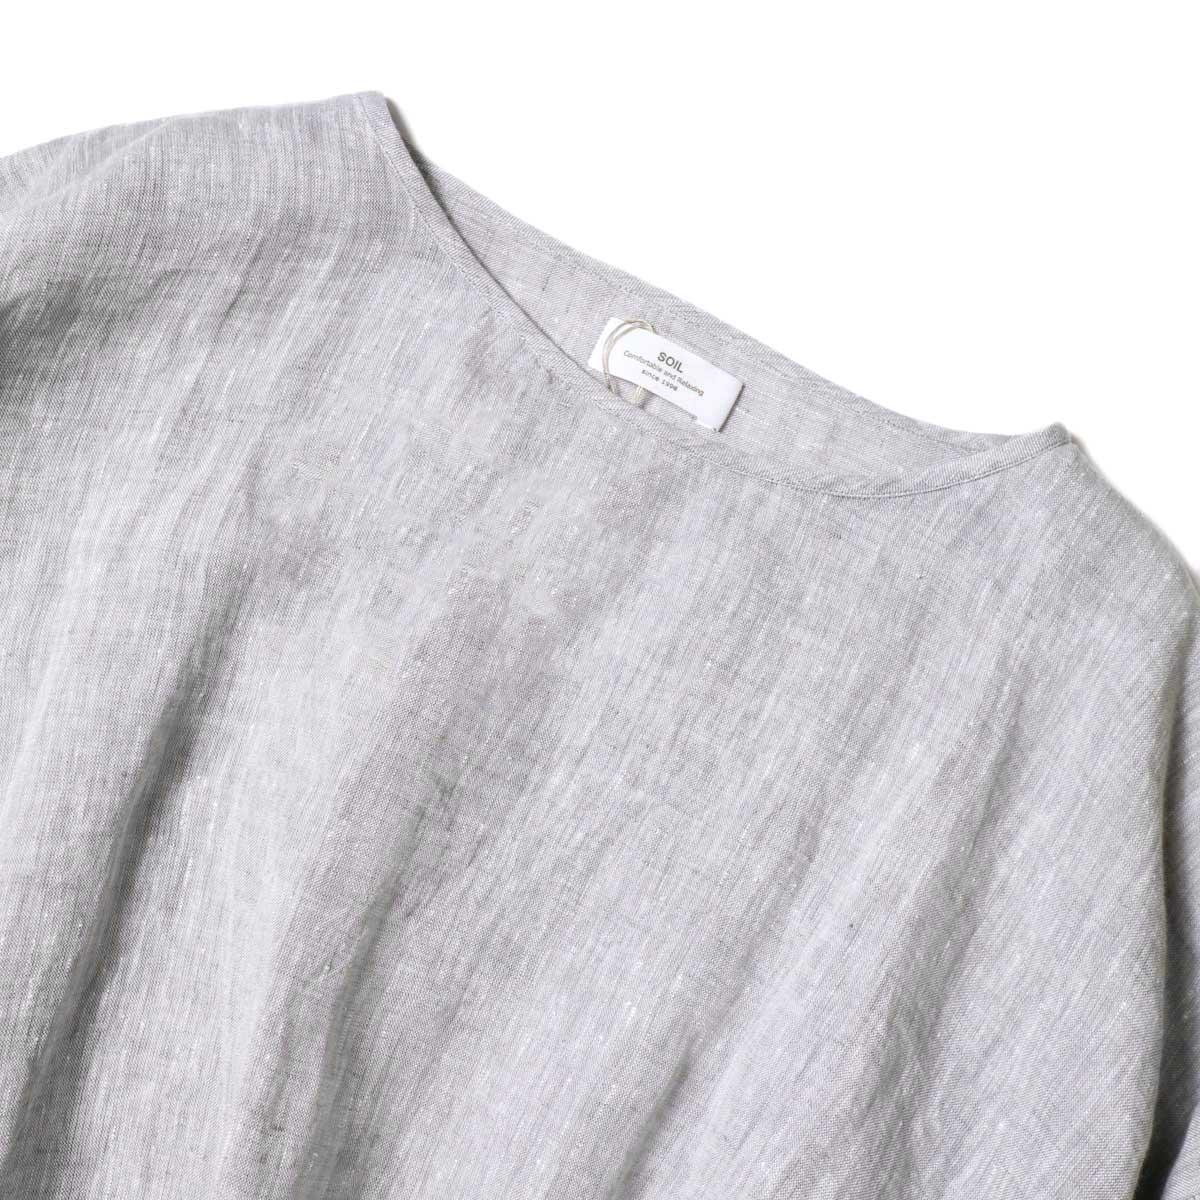 SOIL / GATHERED SMOCK (Grey) ボートネック